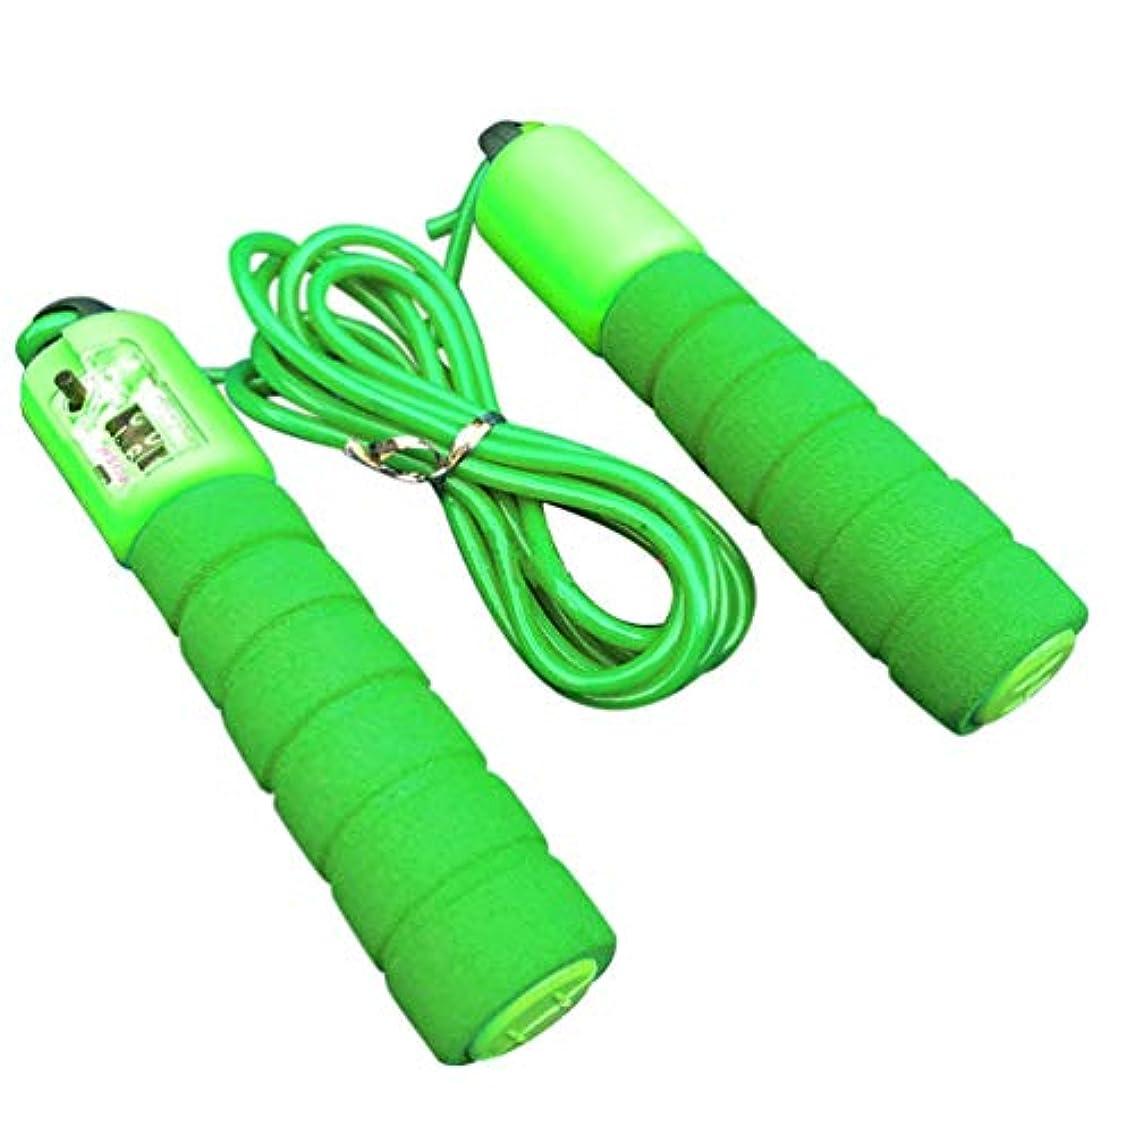 噴出する意外拍手調節可能なプロフェッショナルカウント縄跳び自動カウントジャンプロープフィットネス運動高速カウントジャンプロープ - グリーン